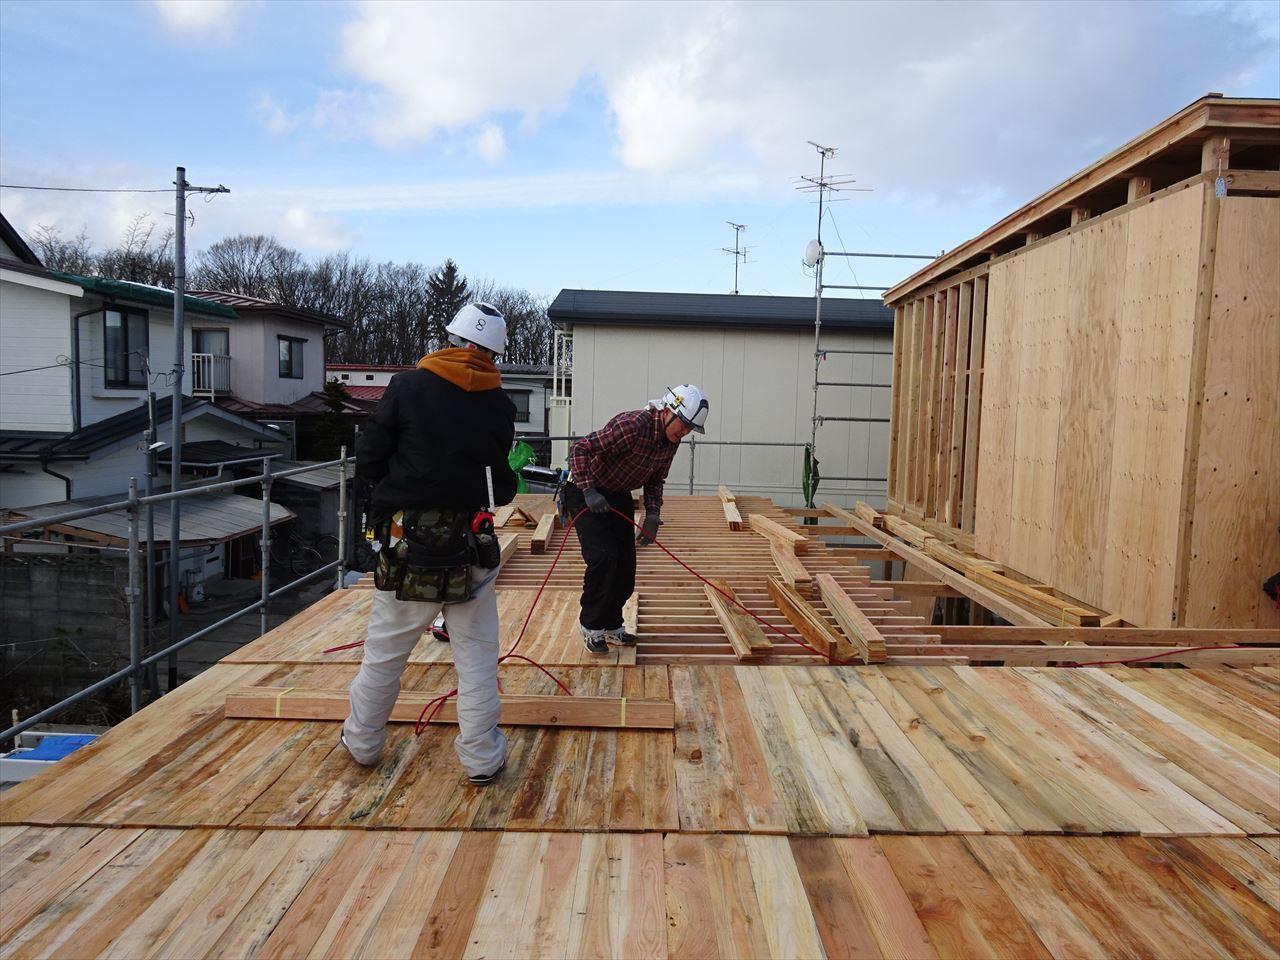 緑ヶ丘 アトリエのある家 建て方進行中!_f0105112_04170637.jpg